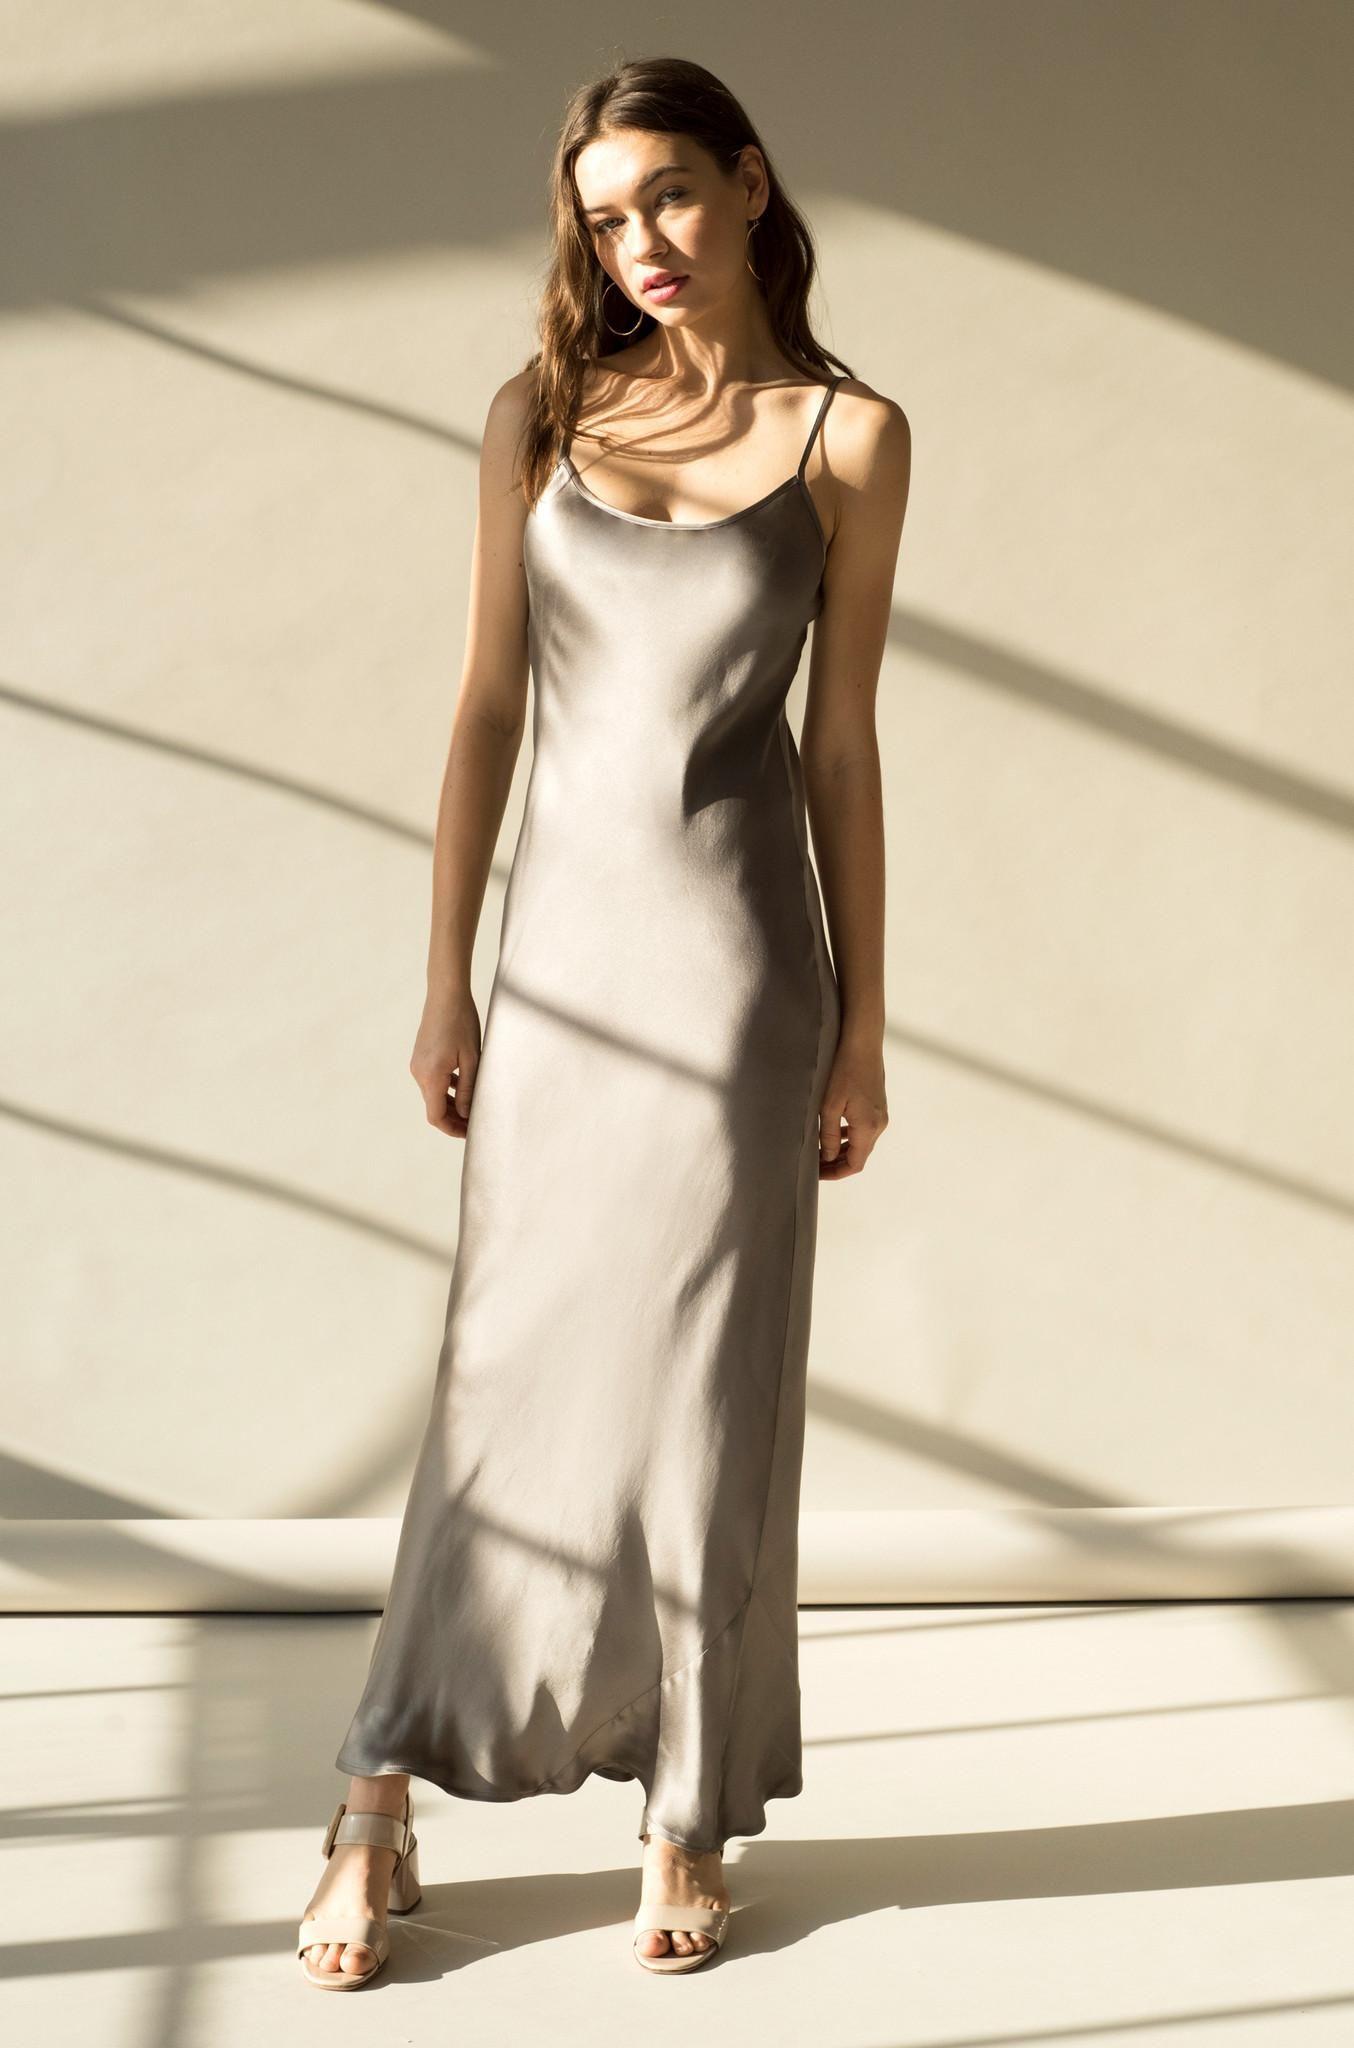 e6e4ebbdd50 AdoreWe - Gia GIA SLIP DRESS - STONE SILK - AdoreWe.com